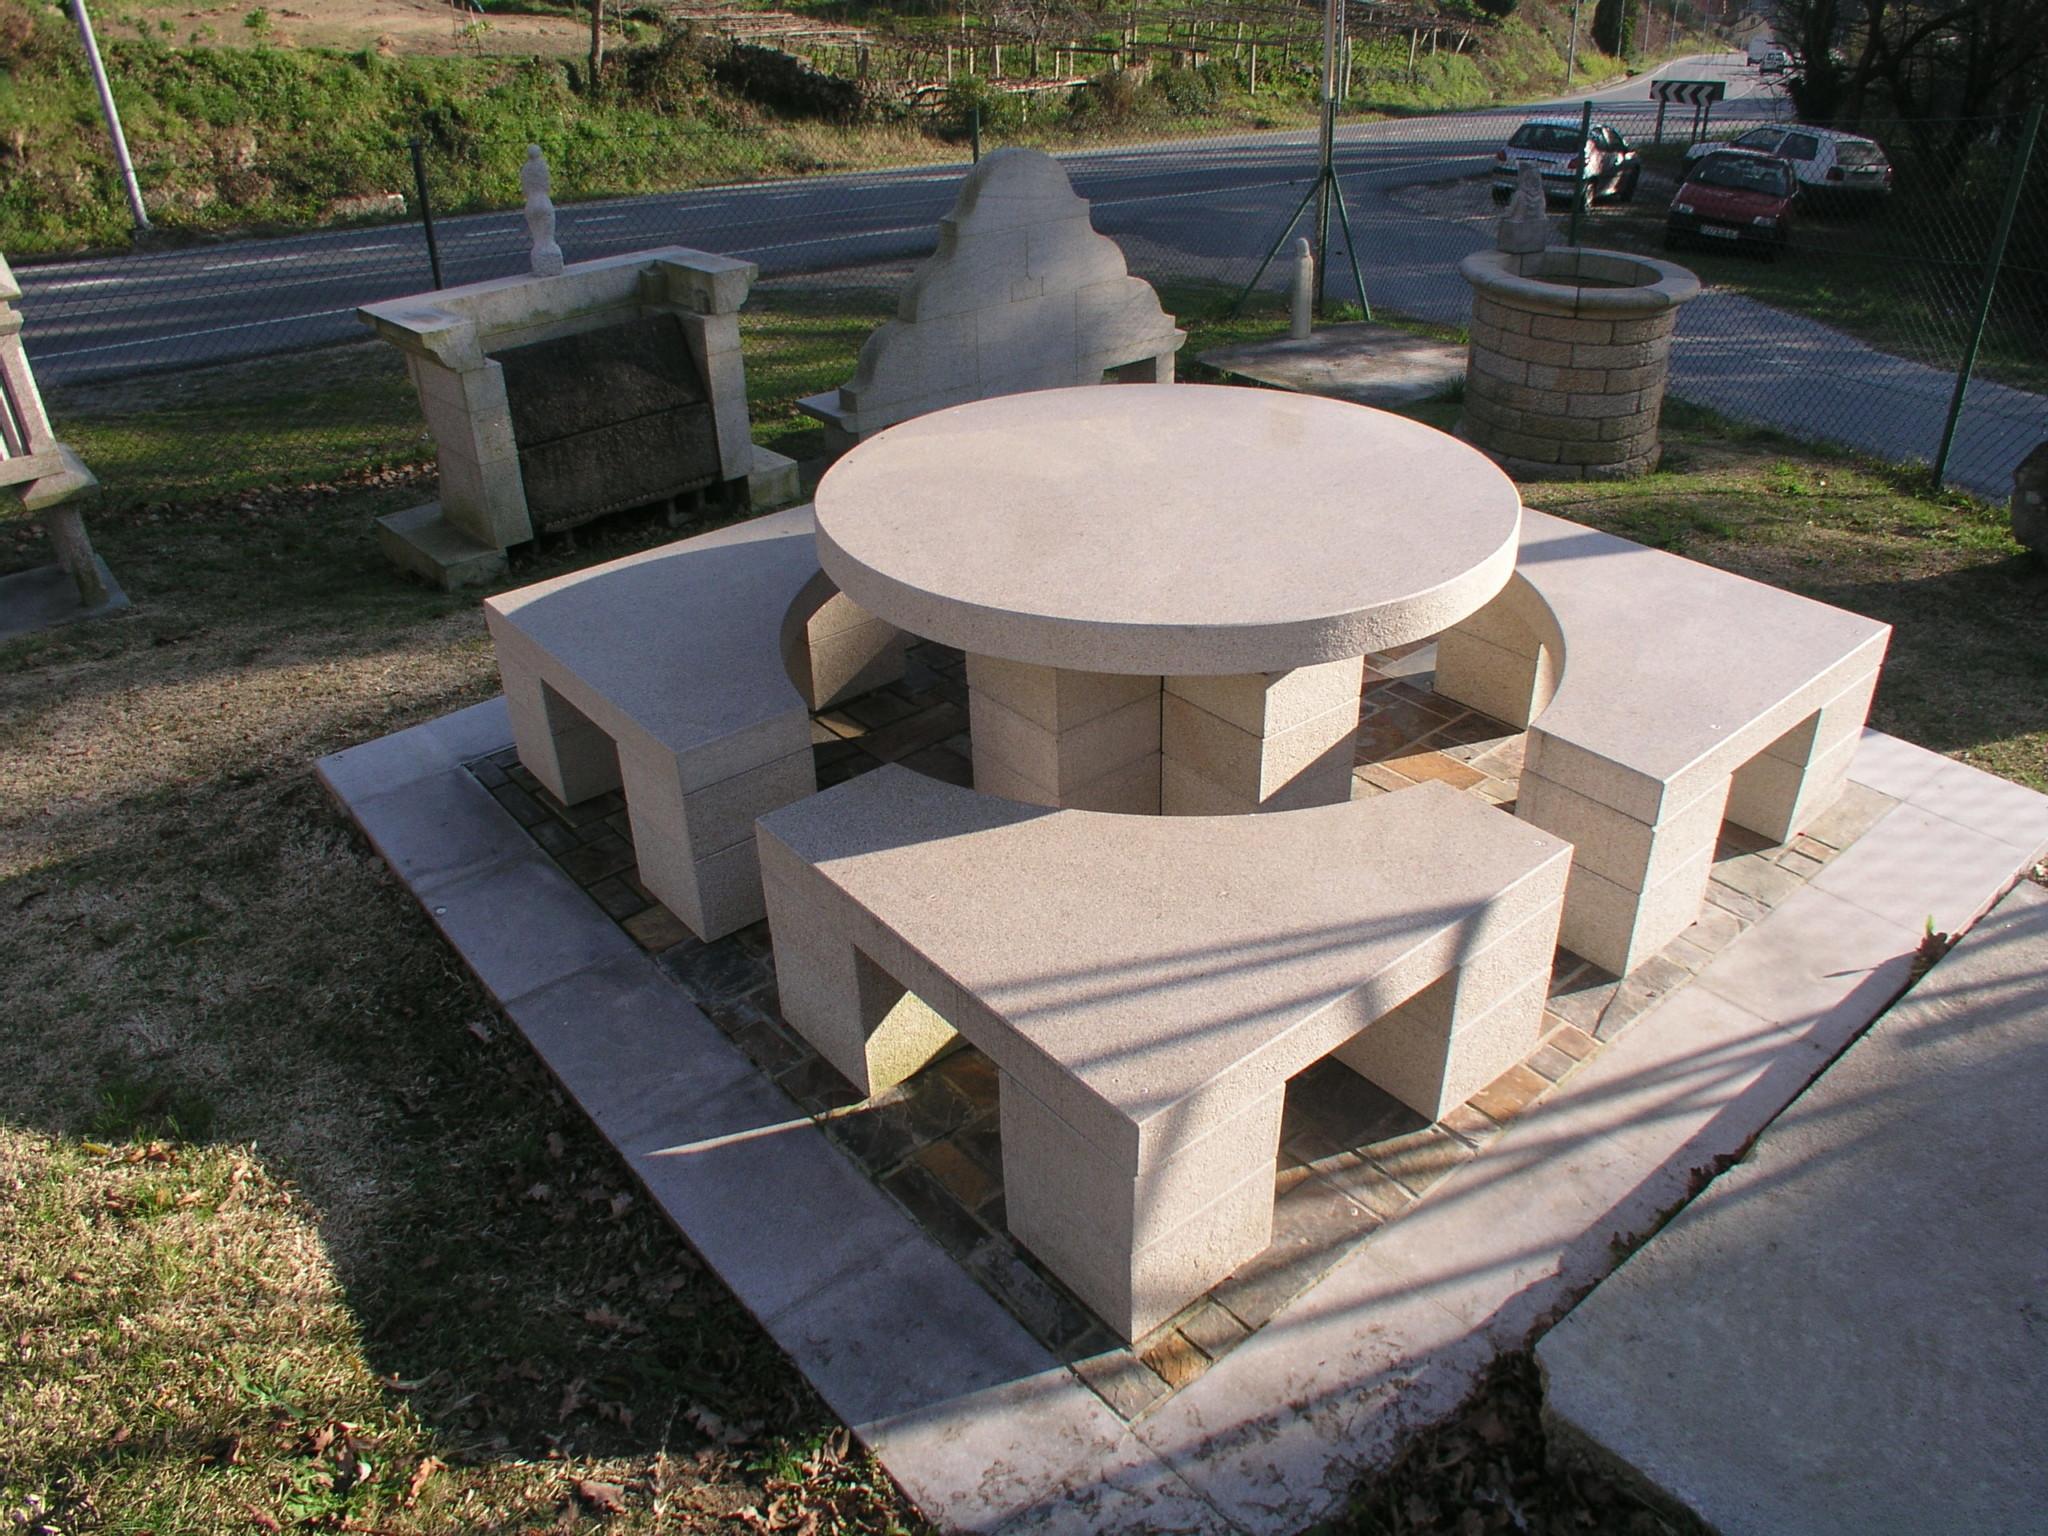 Mesas de piedra para jardin cheap ideas del uso de - Mesas de piedra para jardin ...